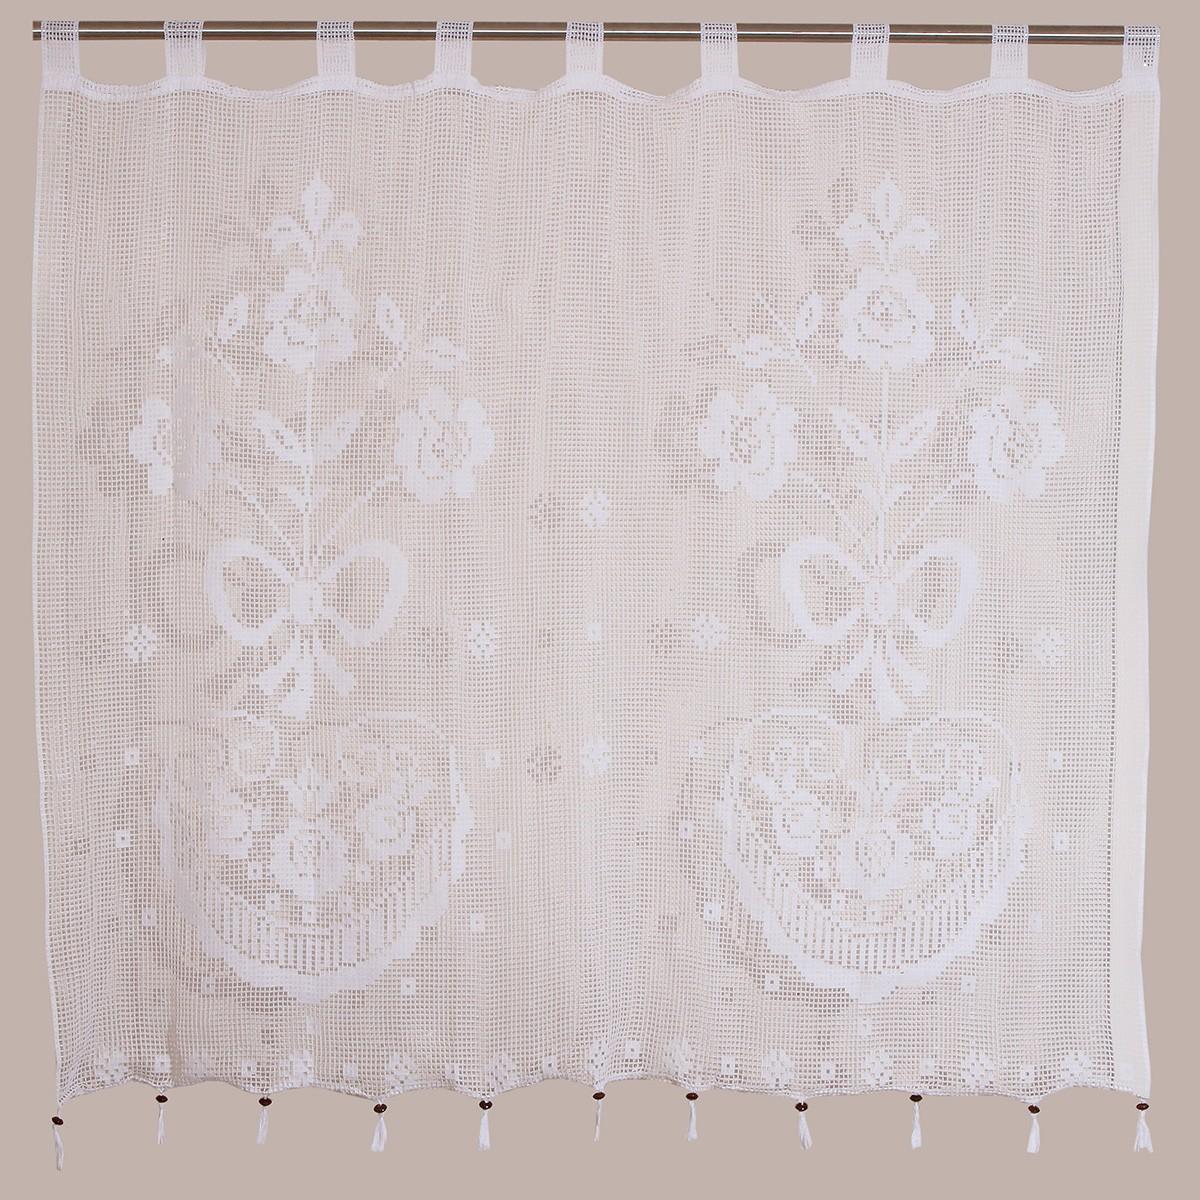 Κουρτίνα Πλεκτή (120x150) Με Θηλιές Viopros Curtain Ideas 3650 home   κουζίνα   τραπεζαρία   κουρτίνες κουζίνας